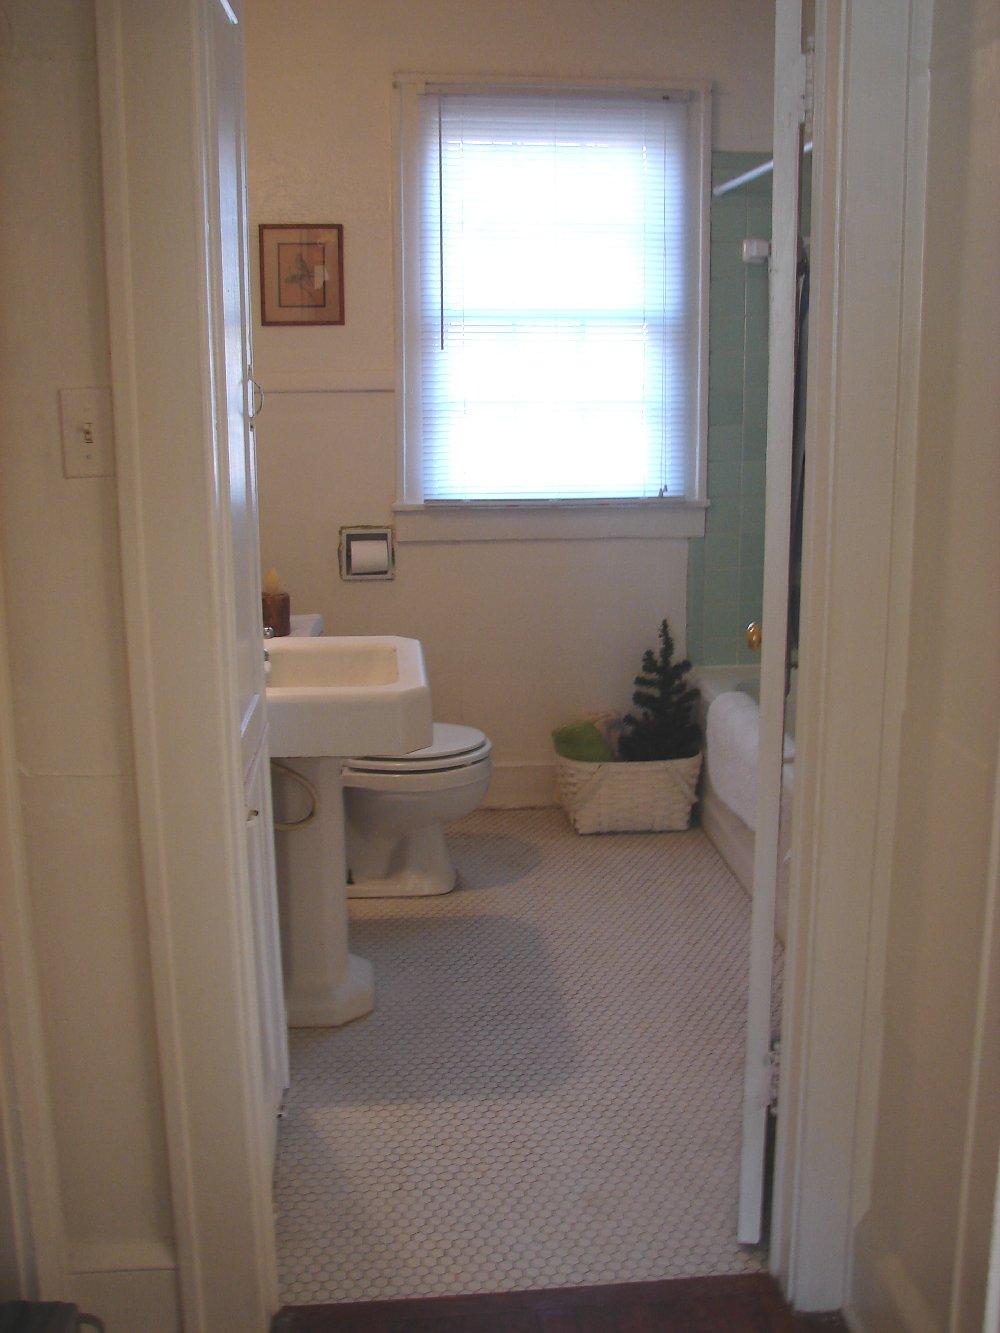 Junk Exchange bathed in light bathroom redo